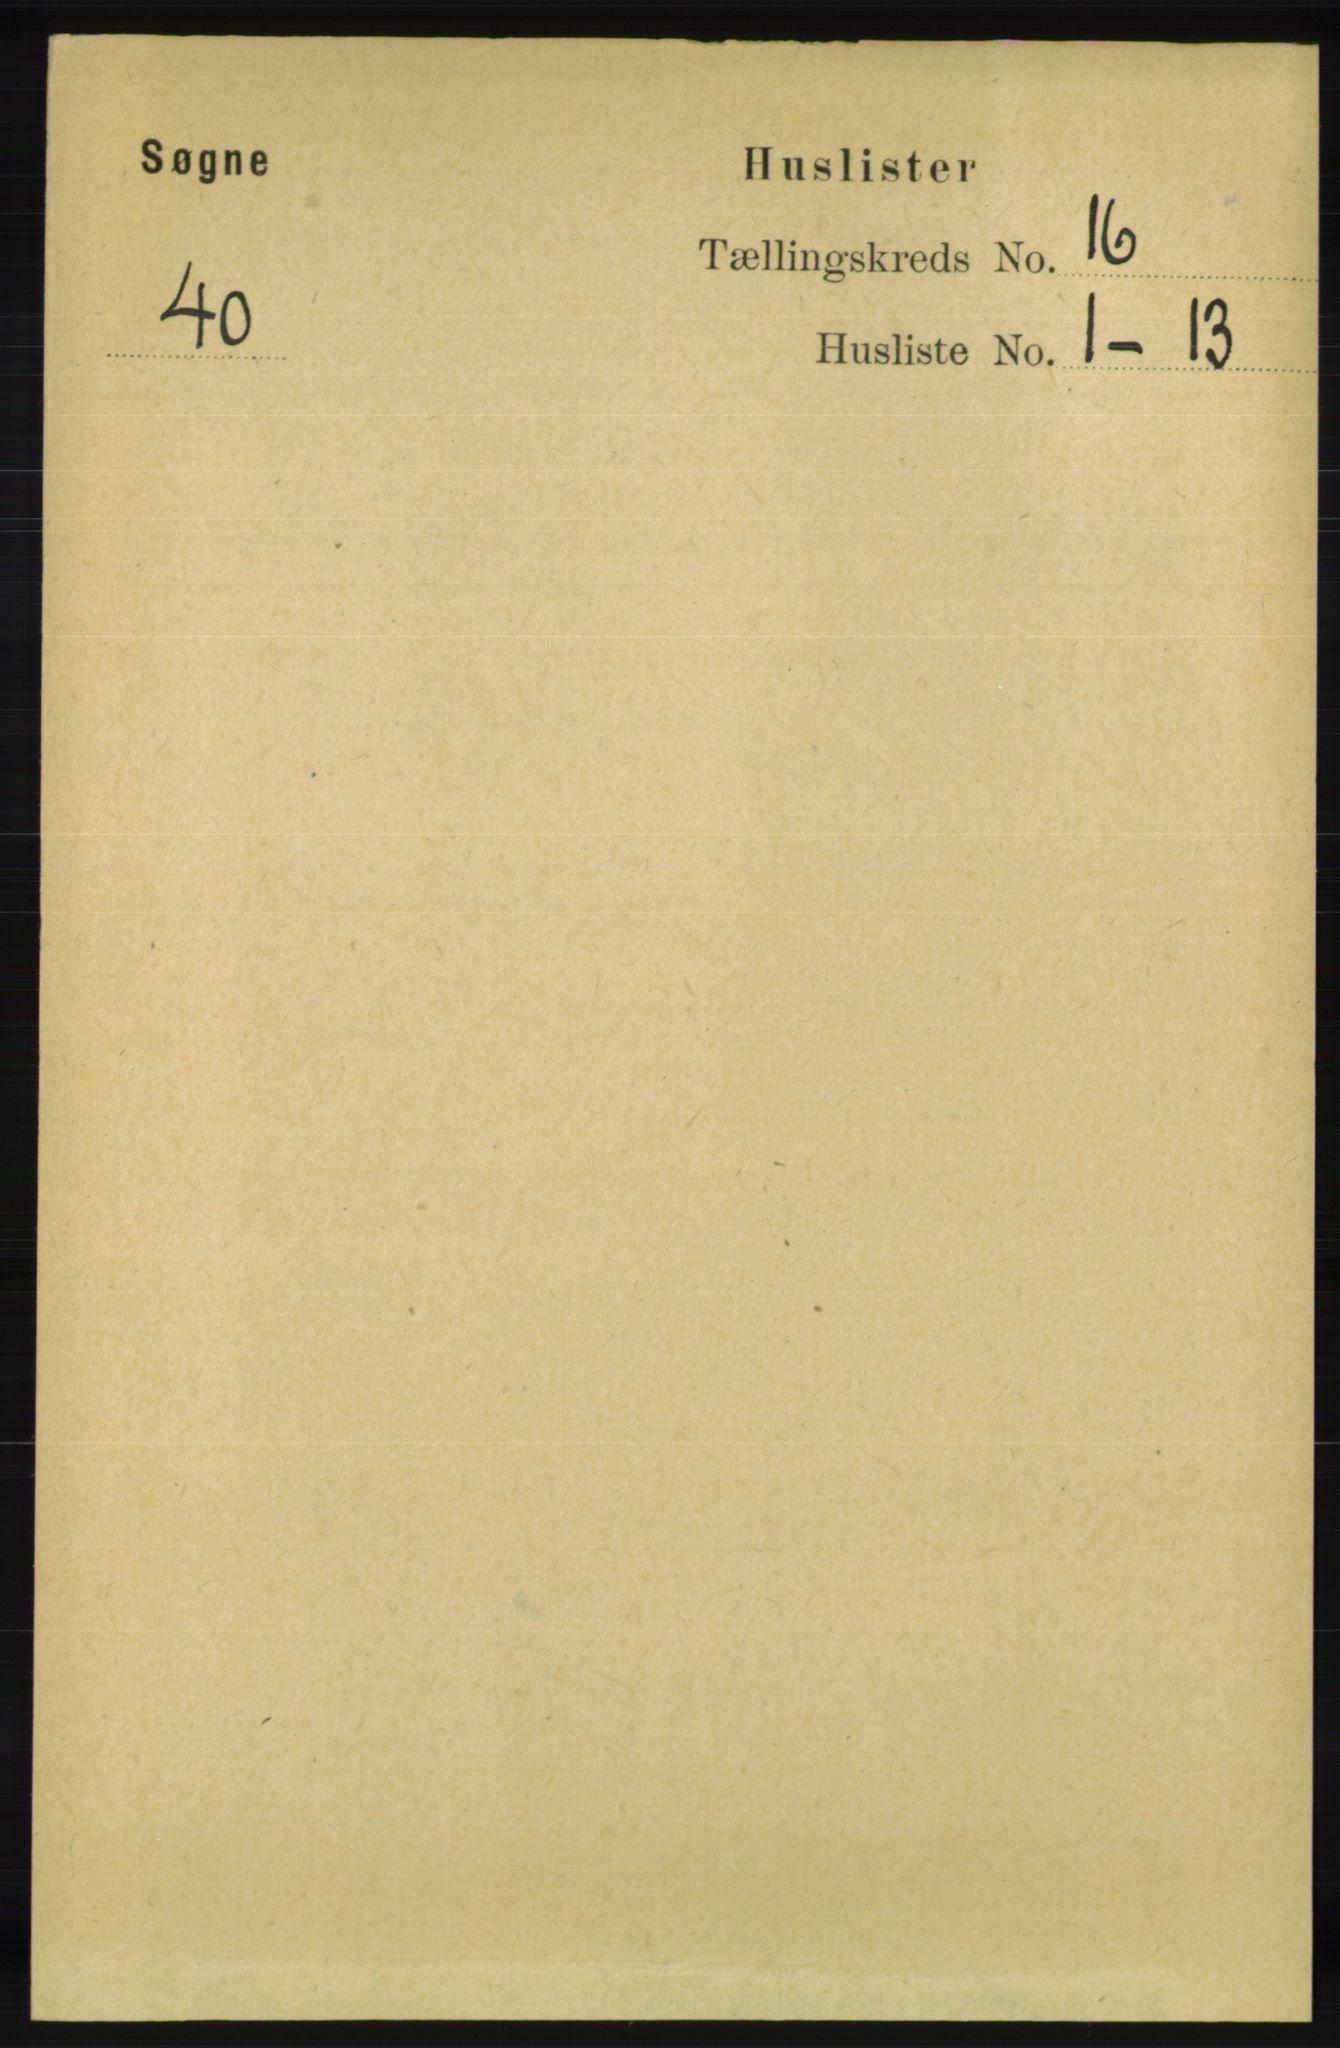 RA, Folketelling 1891 for 1018 Søgne herred, 1891, s. 4379